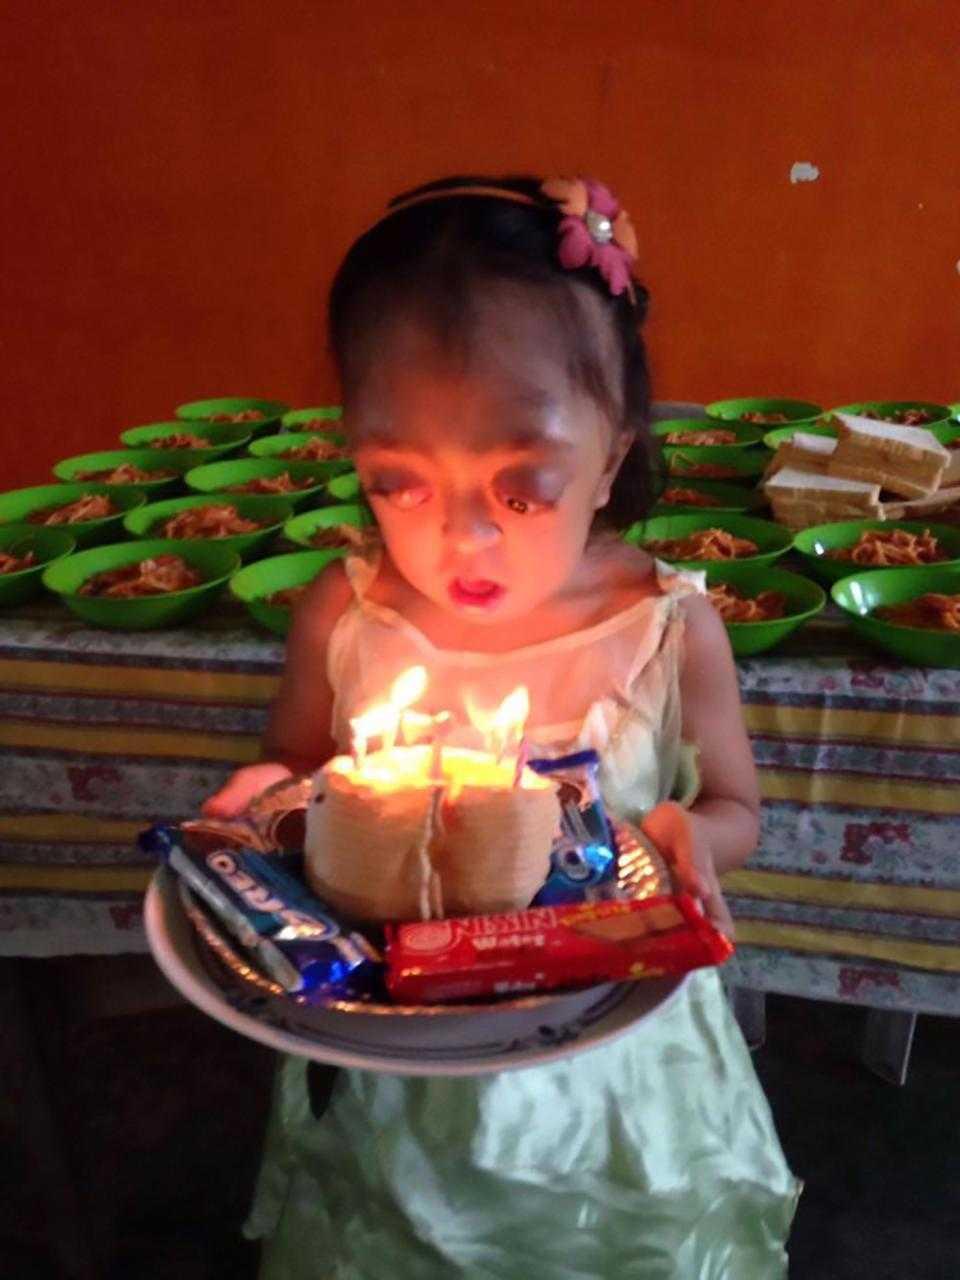 Anabelle feliz após o seu resgate milagroso, segurando um bolo de aniversários. / Foto : CENTRAL EUROPEAN NEWS